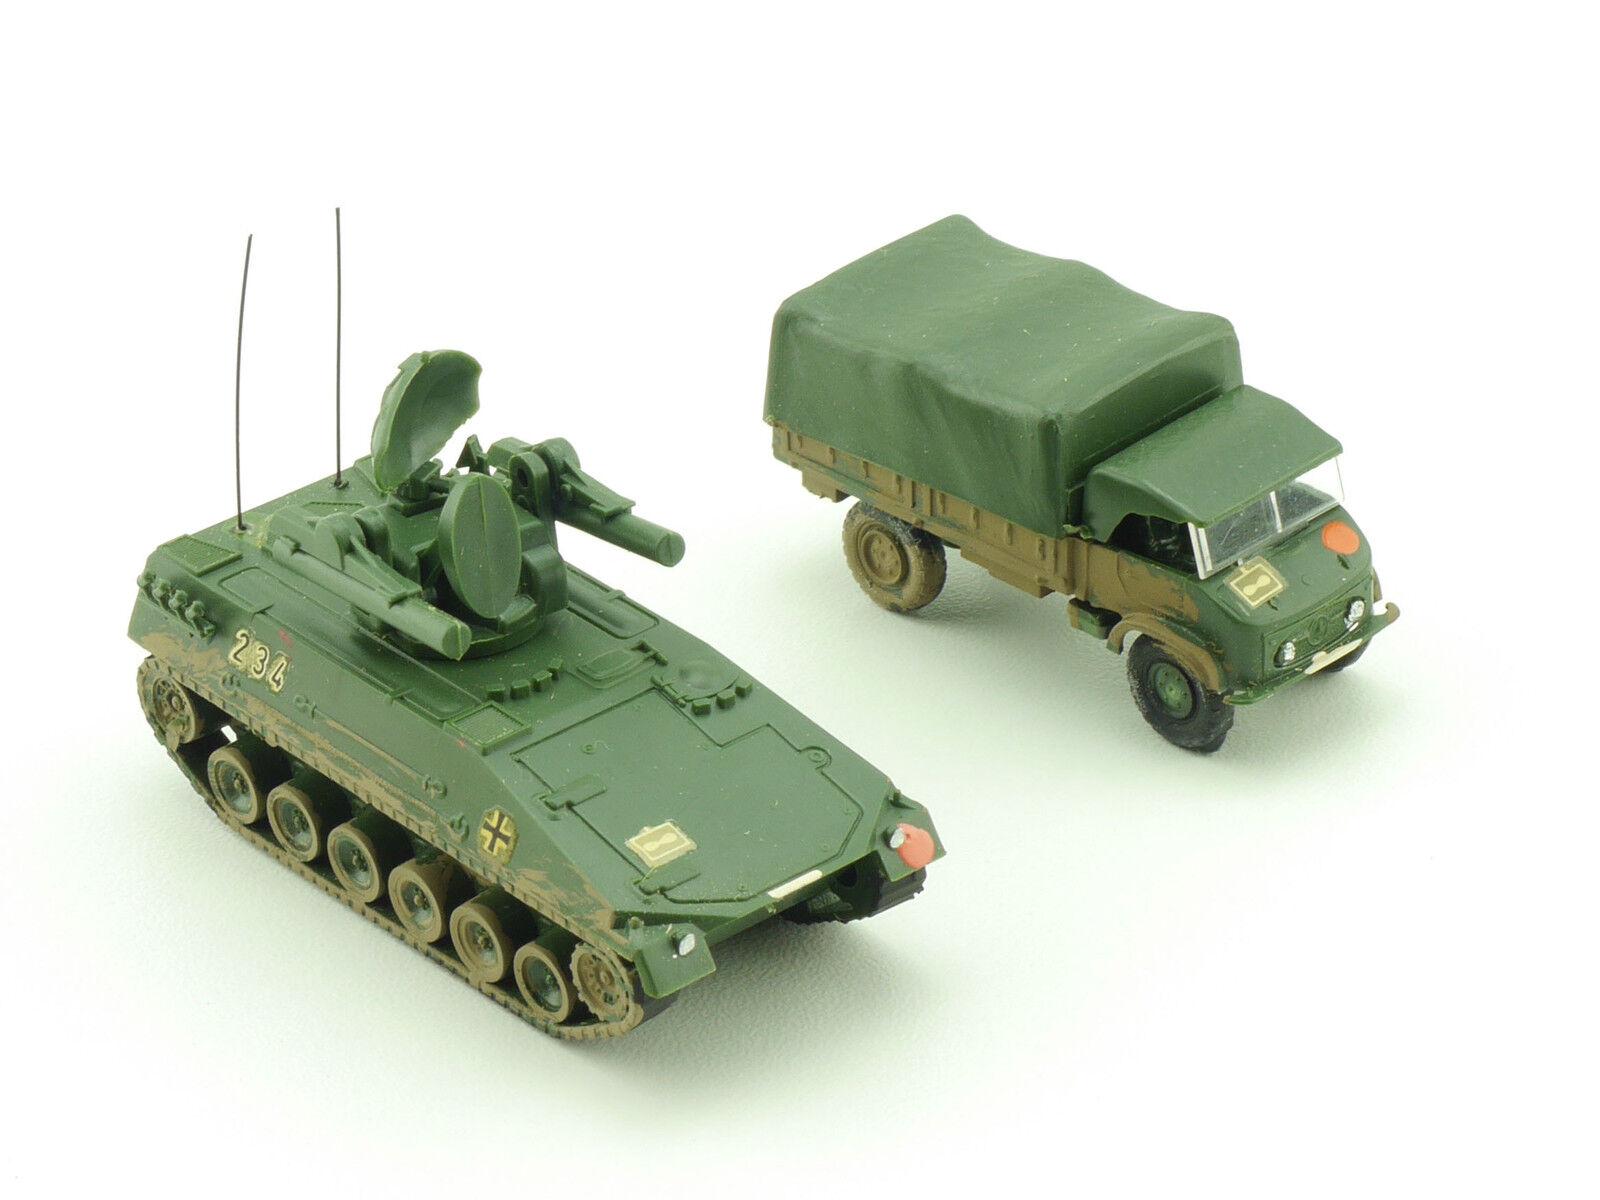 ROSKOPF RMM MB Unimog martora contraerei carro armato esercito esercito esercito tedesco 1602-15-64 8590a1